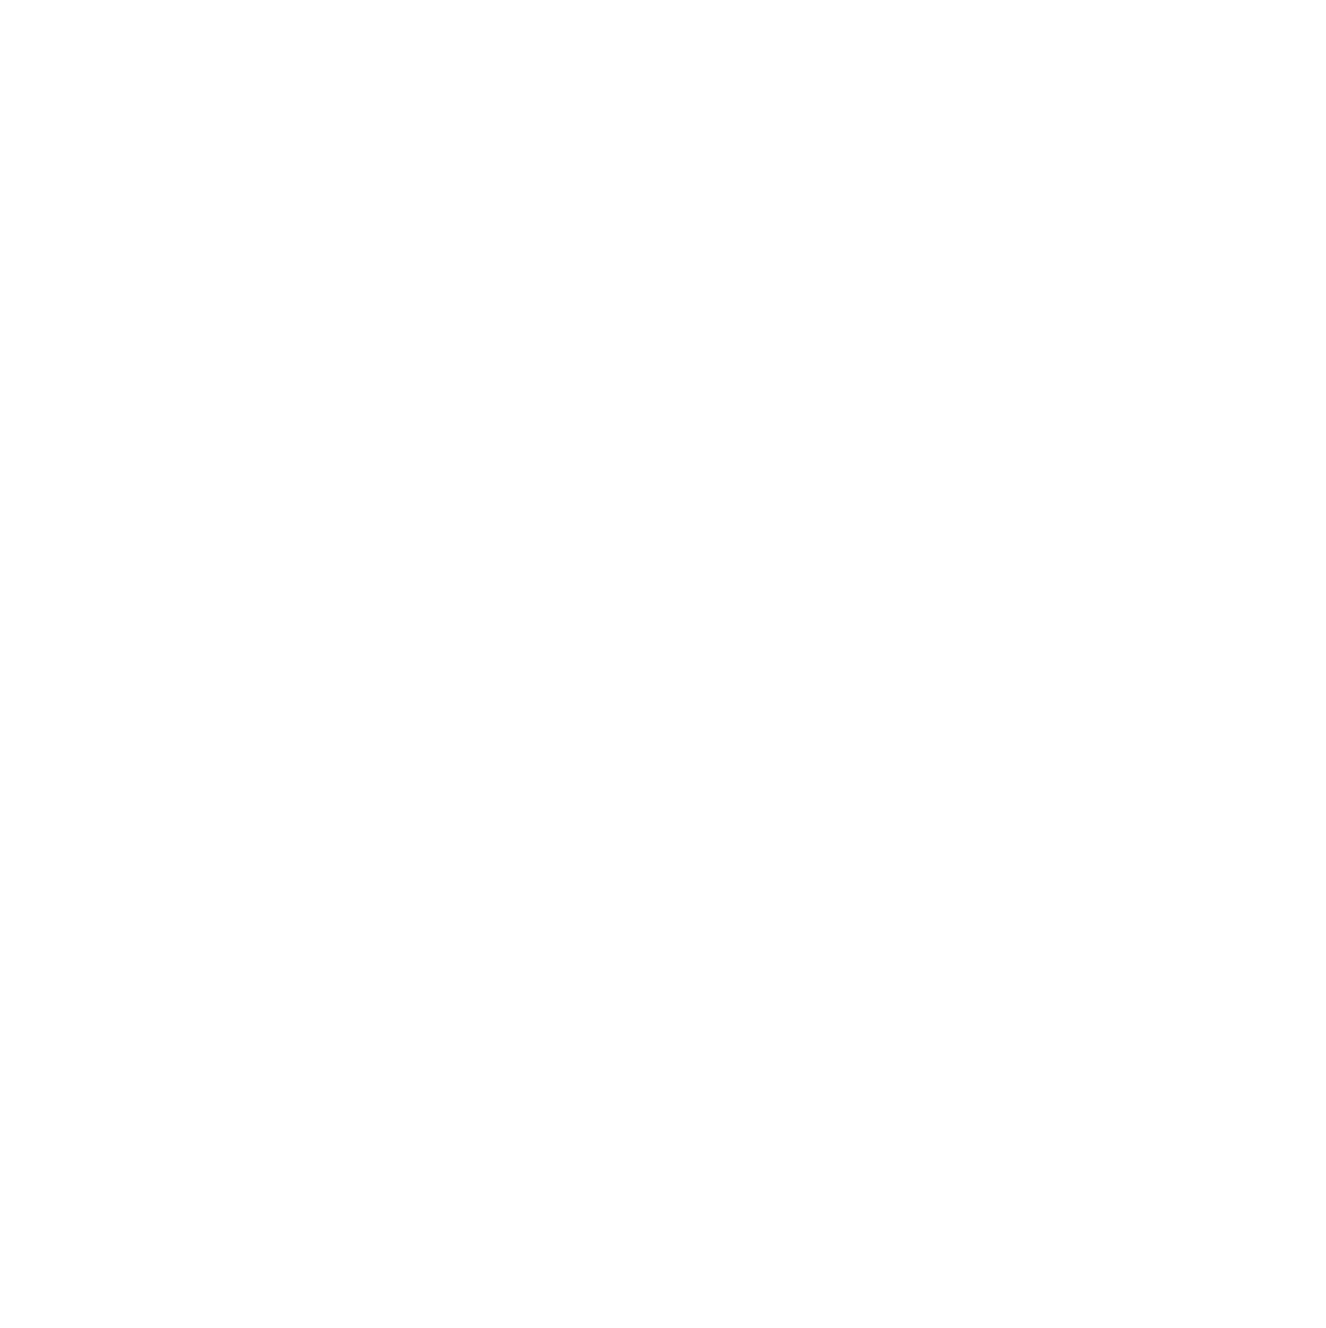 HOUSING CHOICE VOUCHER - Putnam Housing